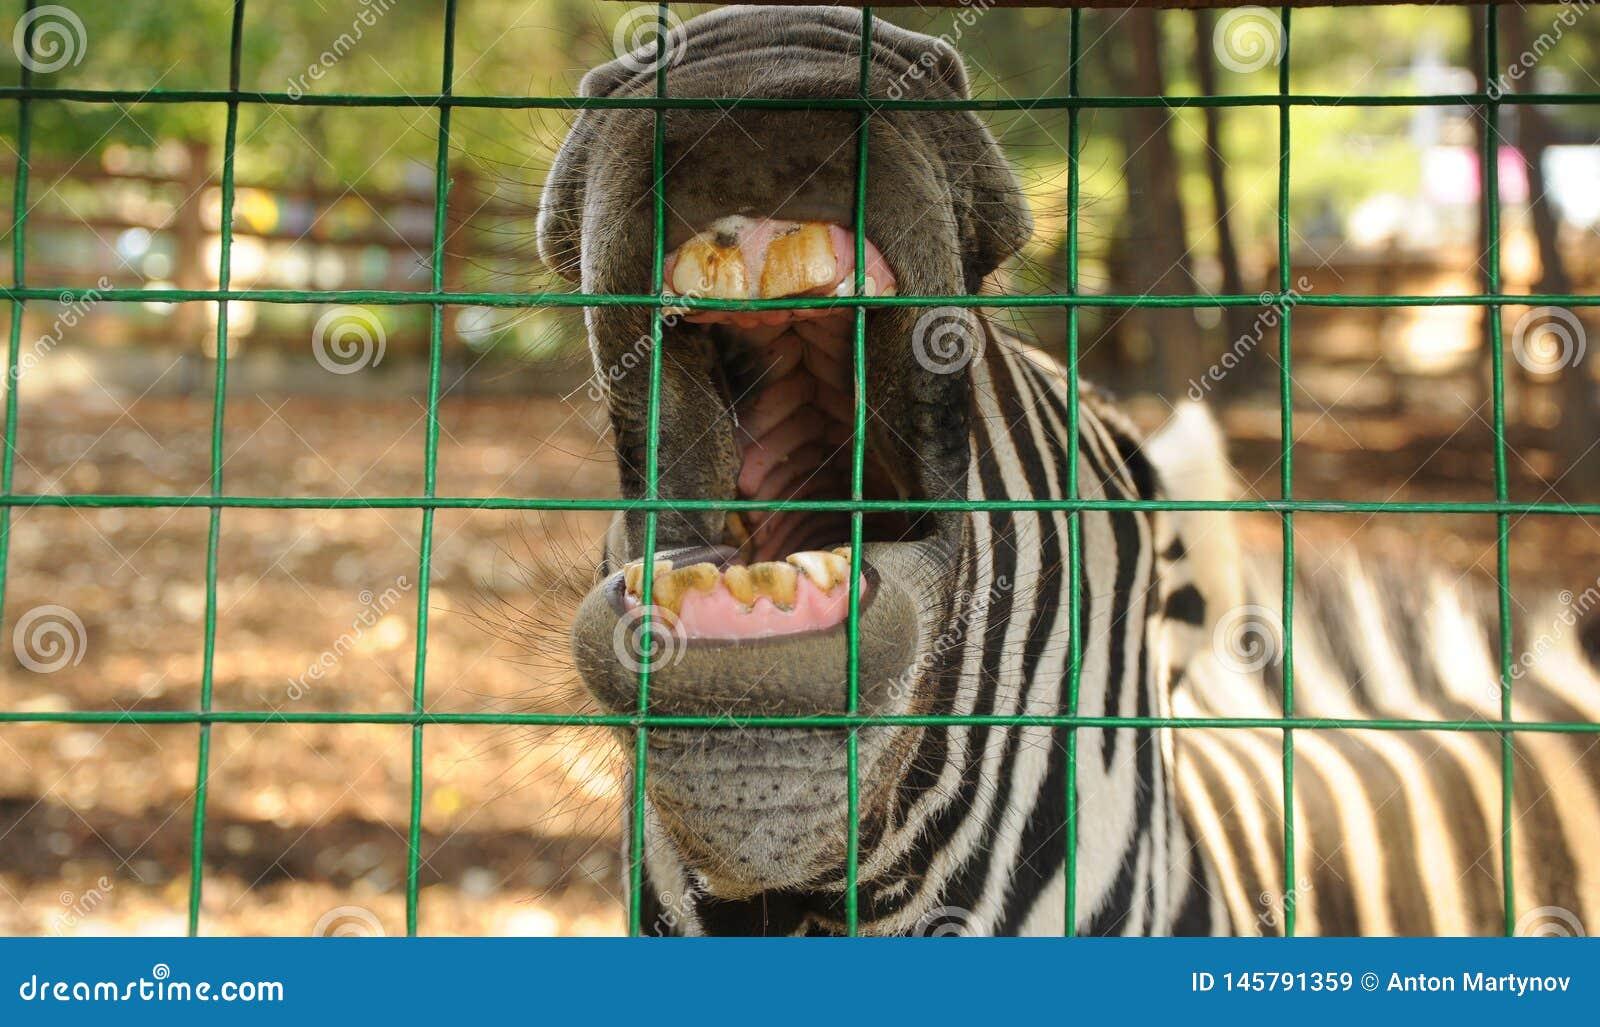 Zèbre au trellis dans le zoo